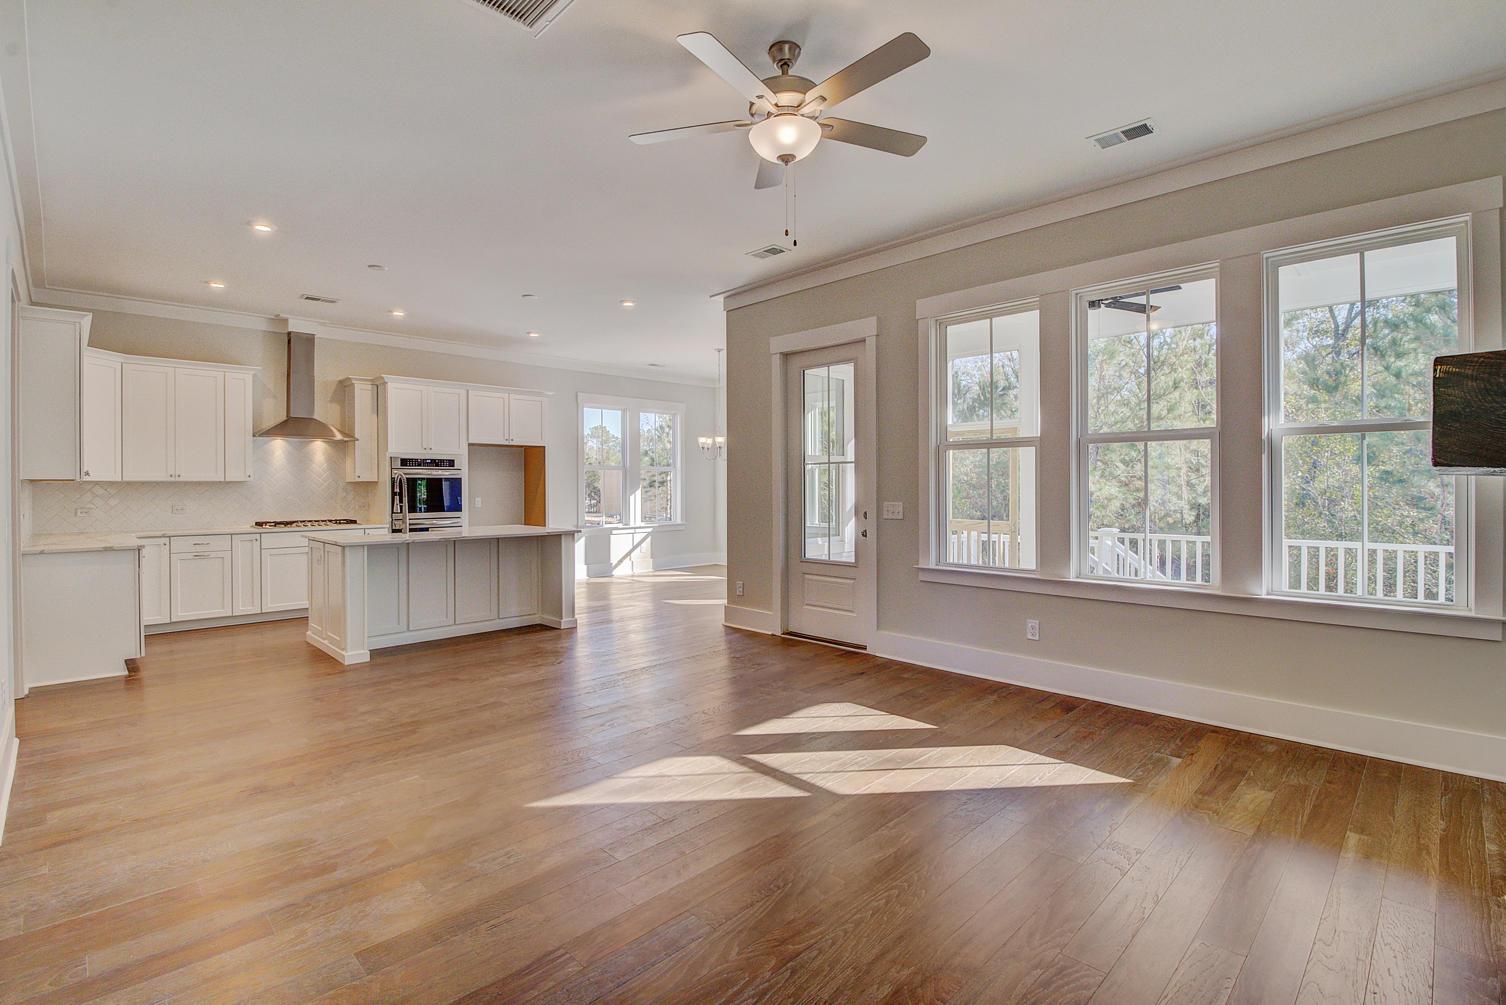 Fulton Park Homes For Sale - 2445 Giles, Mount Pleasant, SC - 23